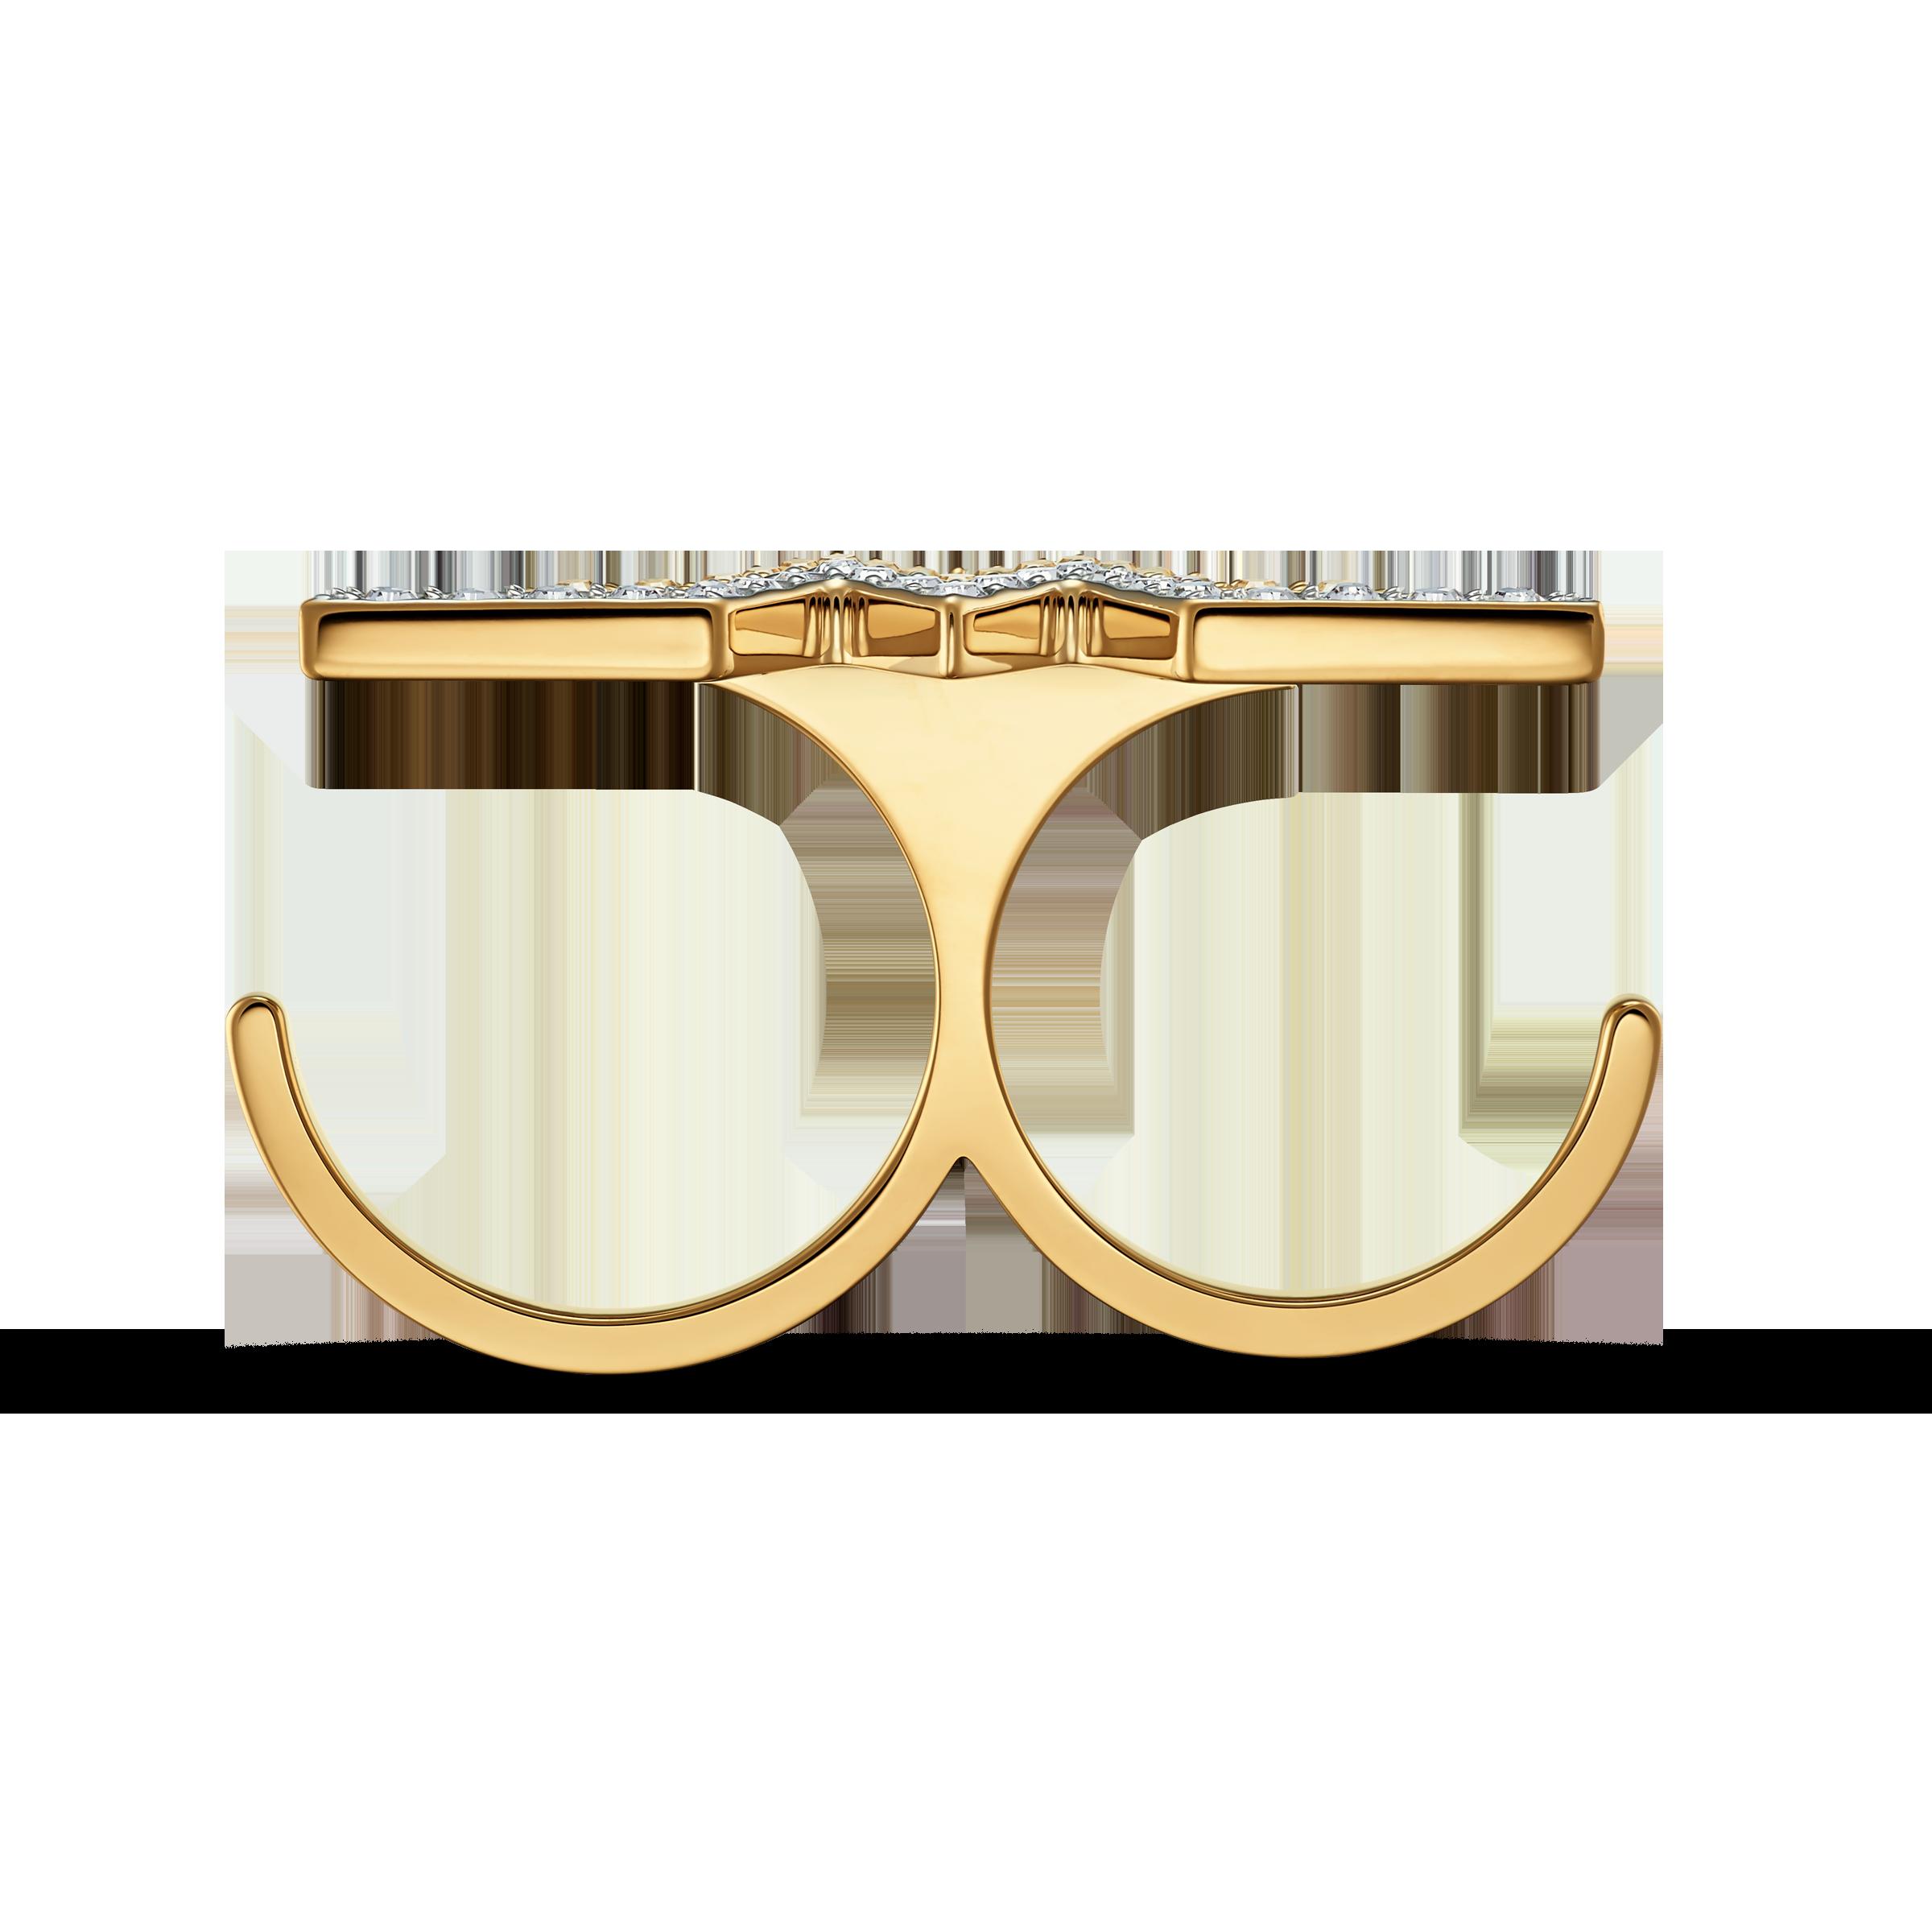 خاتم مزدوج Fit Wonder Woman، باللون الذهبي، مع طبقة خارجية معدنية مختلطة